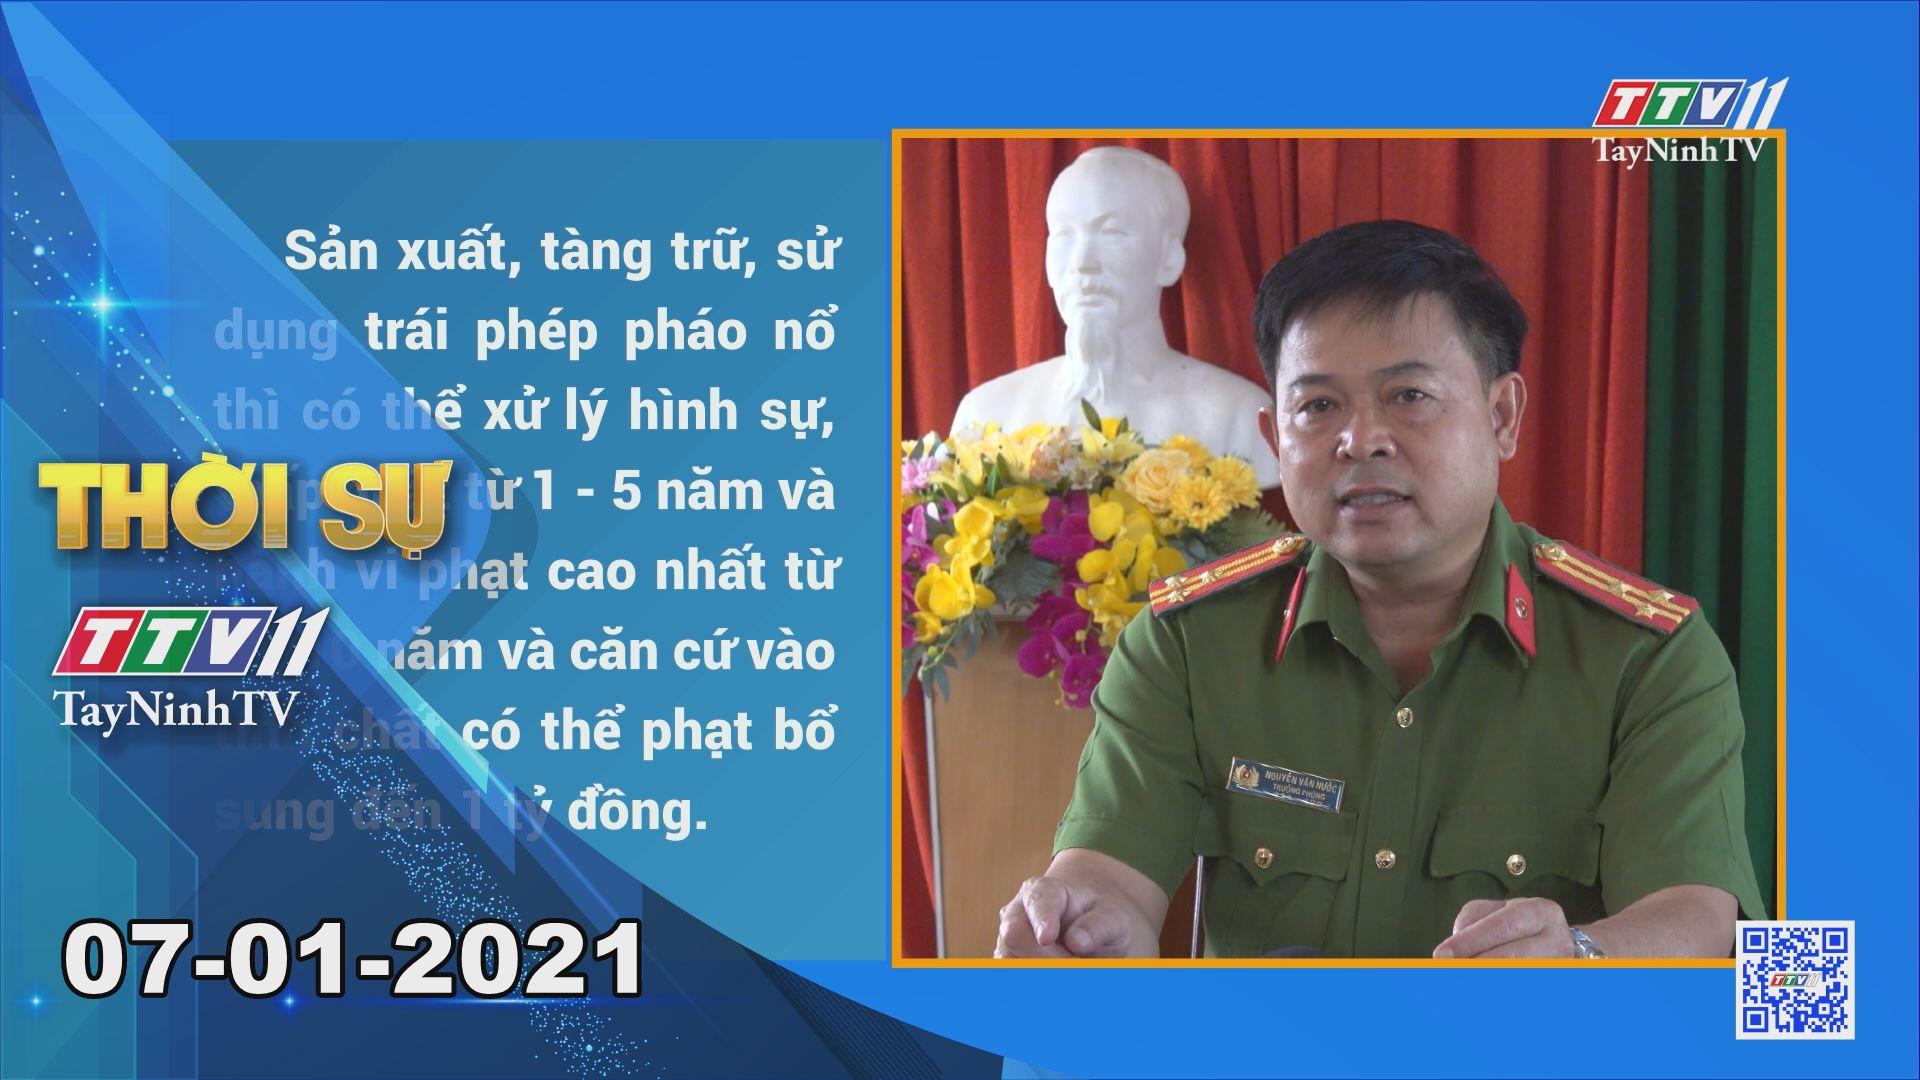 Thời sự Tây Ninh 07-01-2021 | Tin tức hôm nay | TayNinhTV